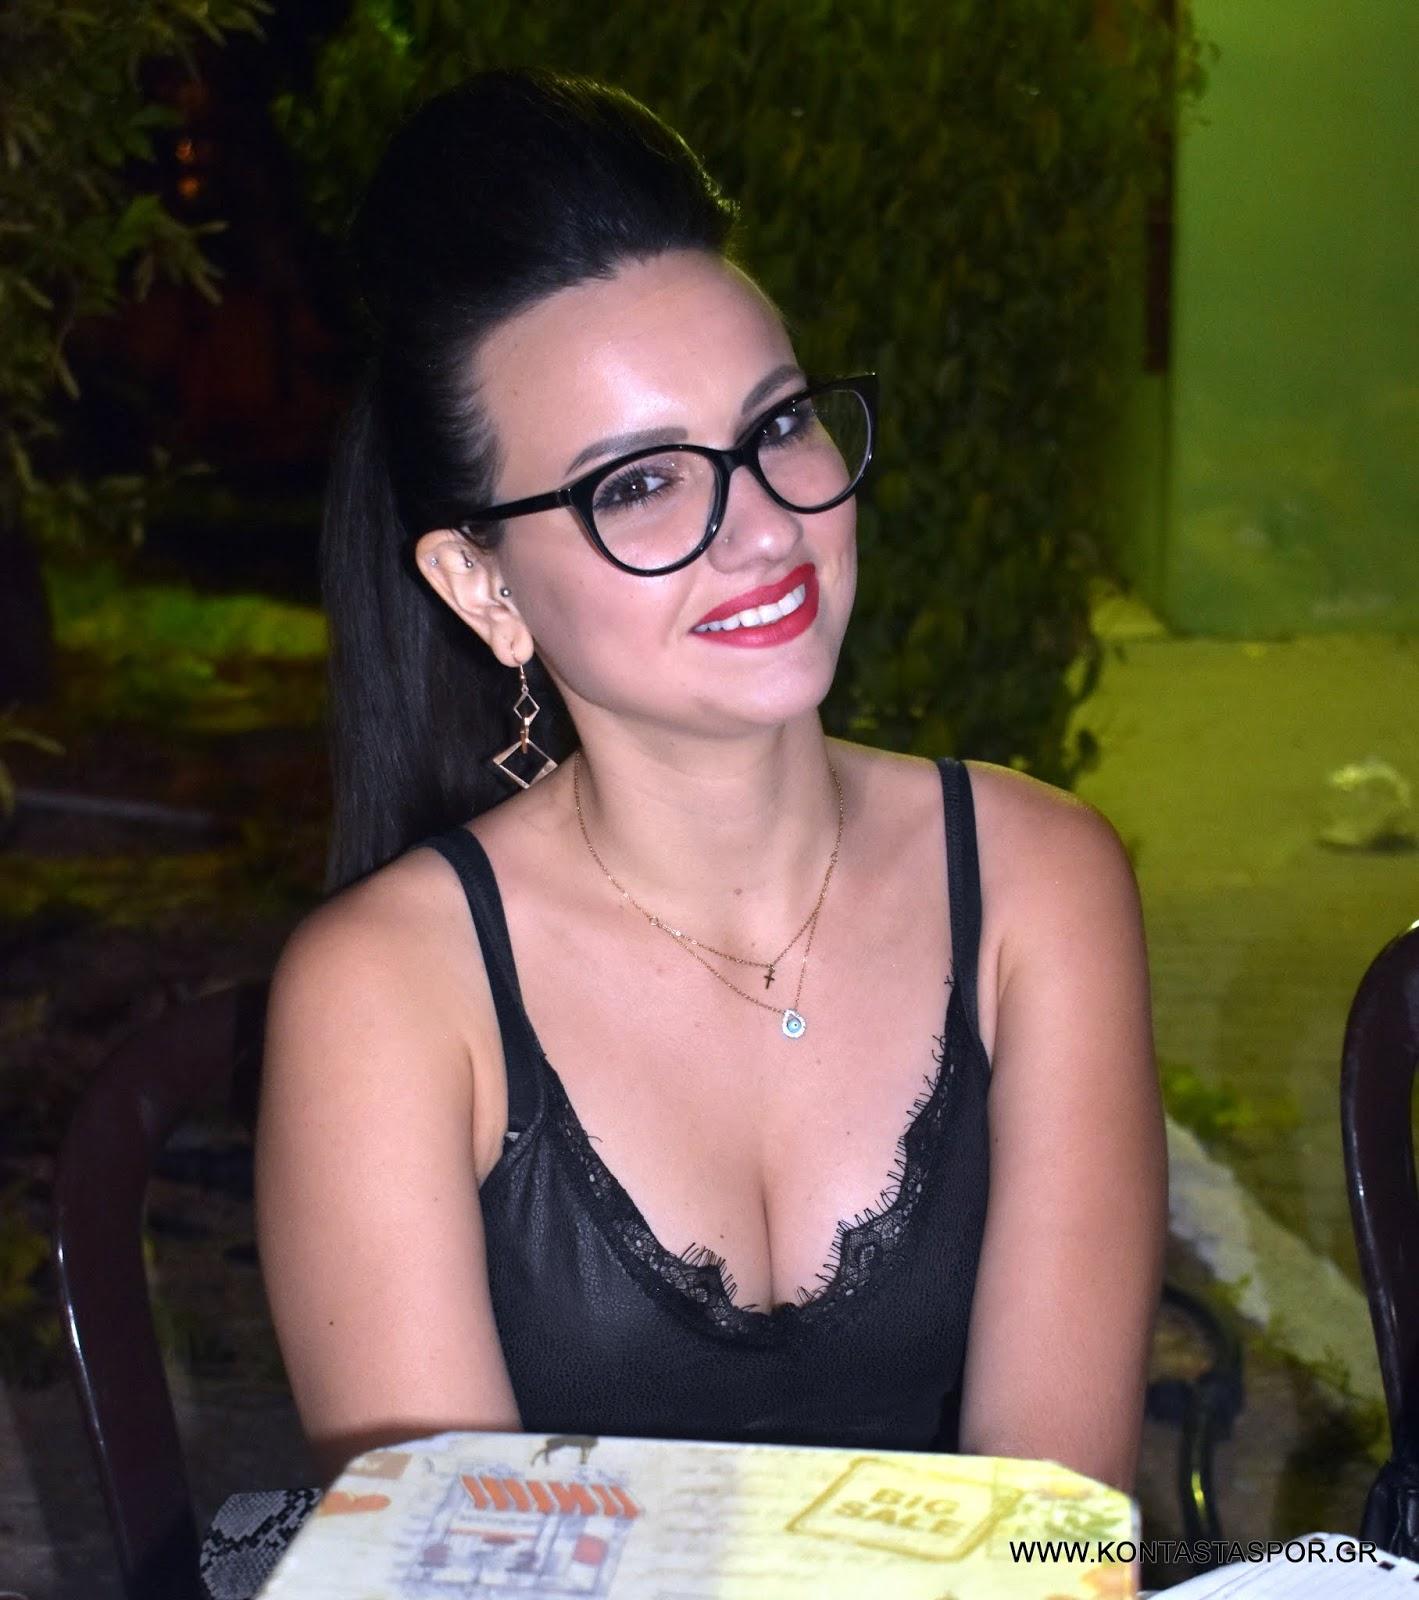 Με επιτυχία η λαική βραδιά  Αδαμαντίδη στα Ψαχνά (φωτογραφίες) 1 DSC 0005